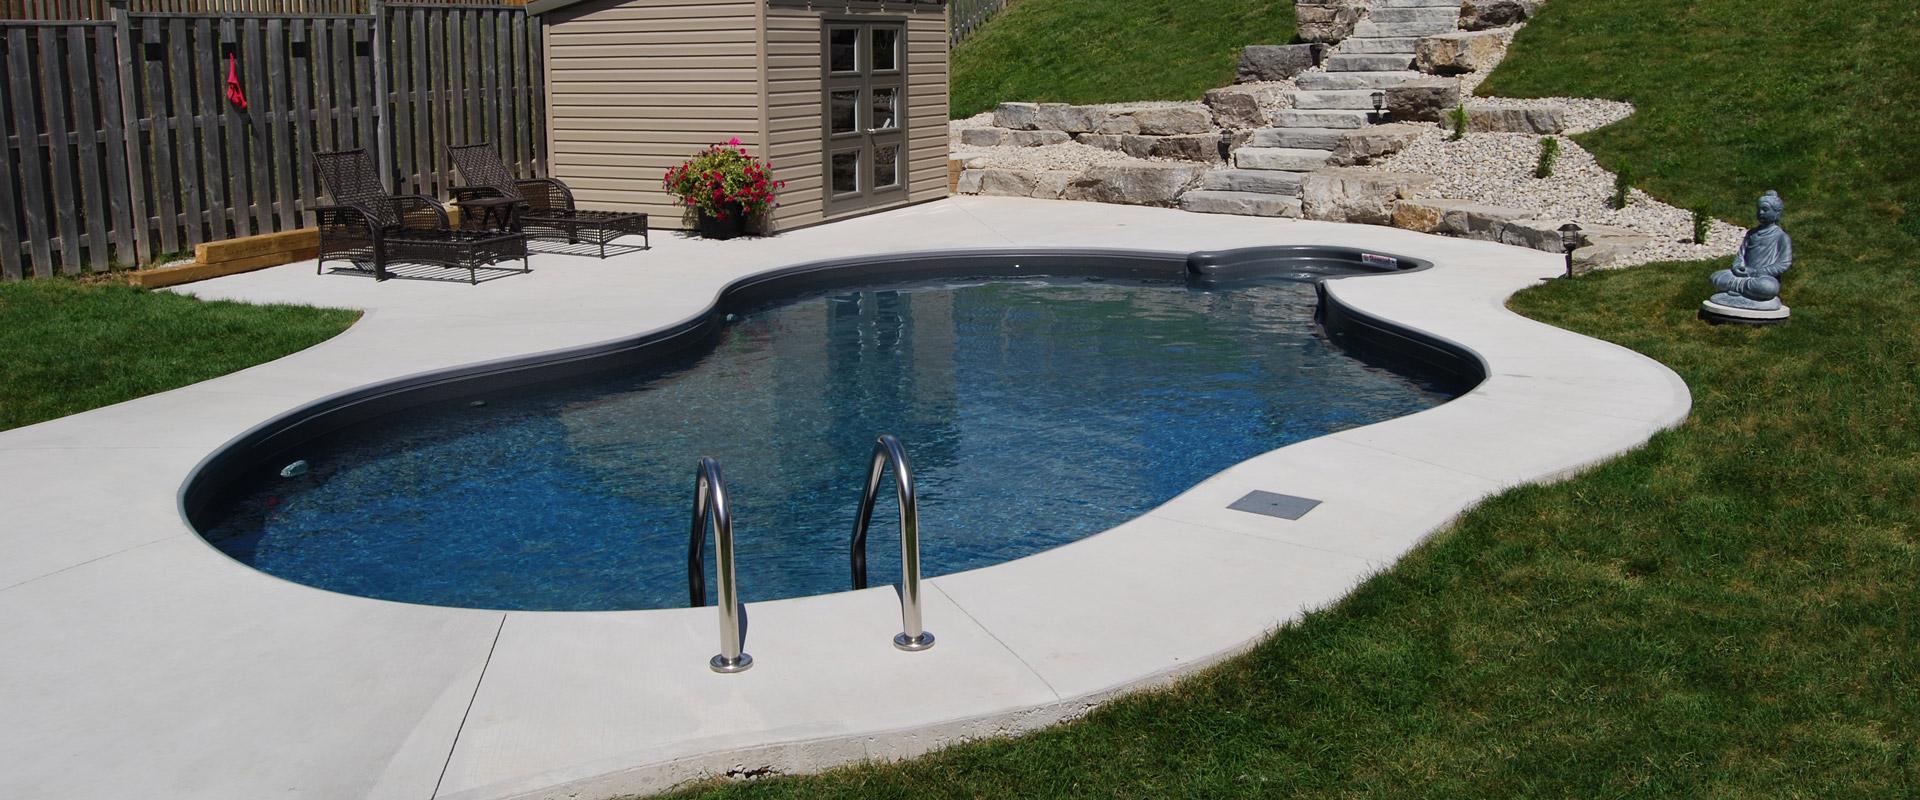 The Golovchenkos Inground Pool Showcase Pioneer Family Pools